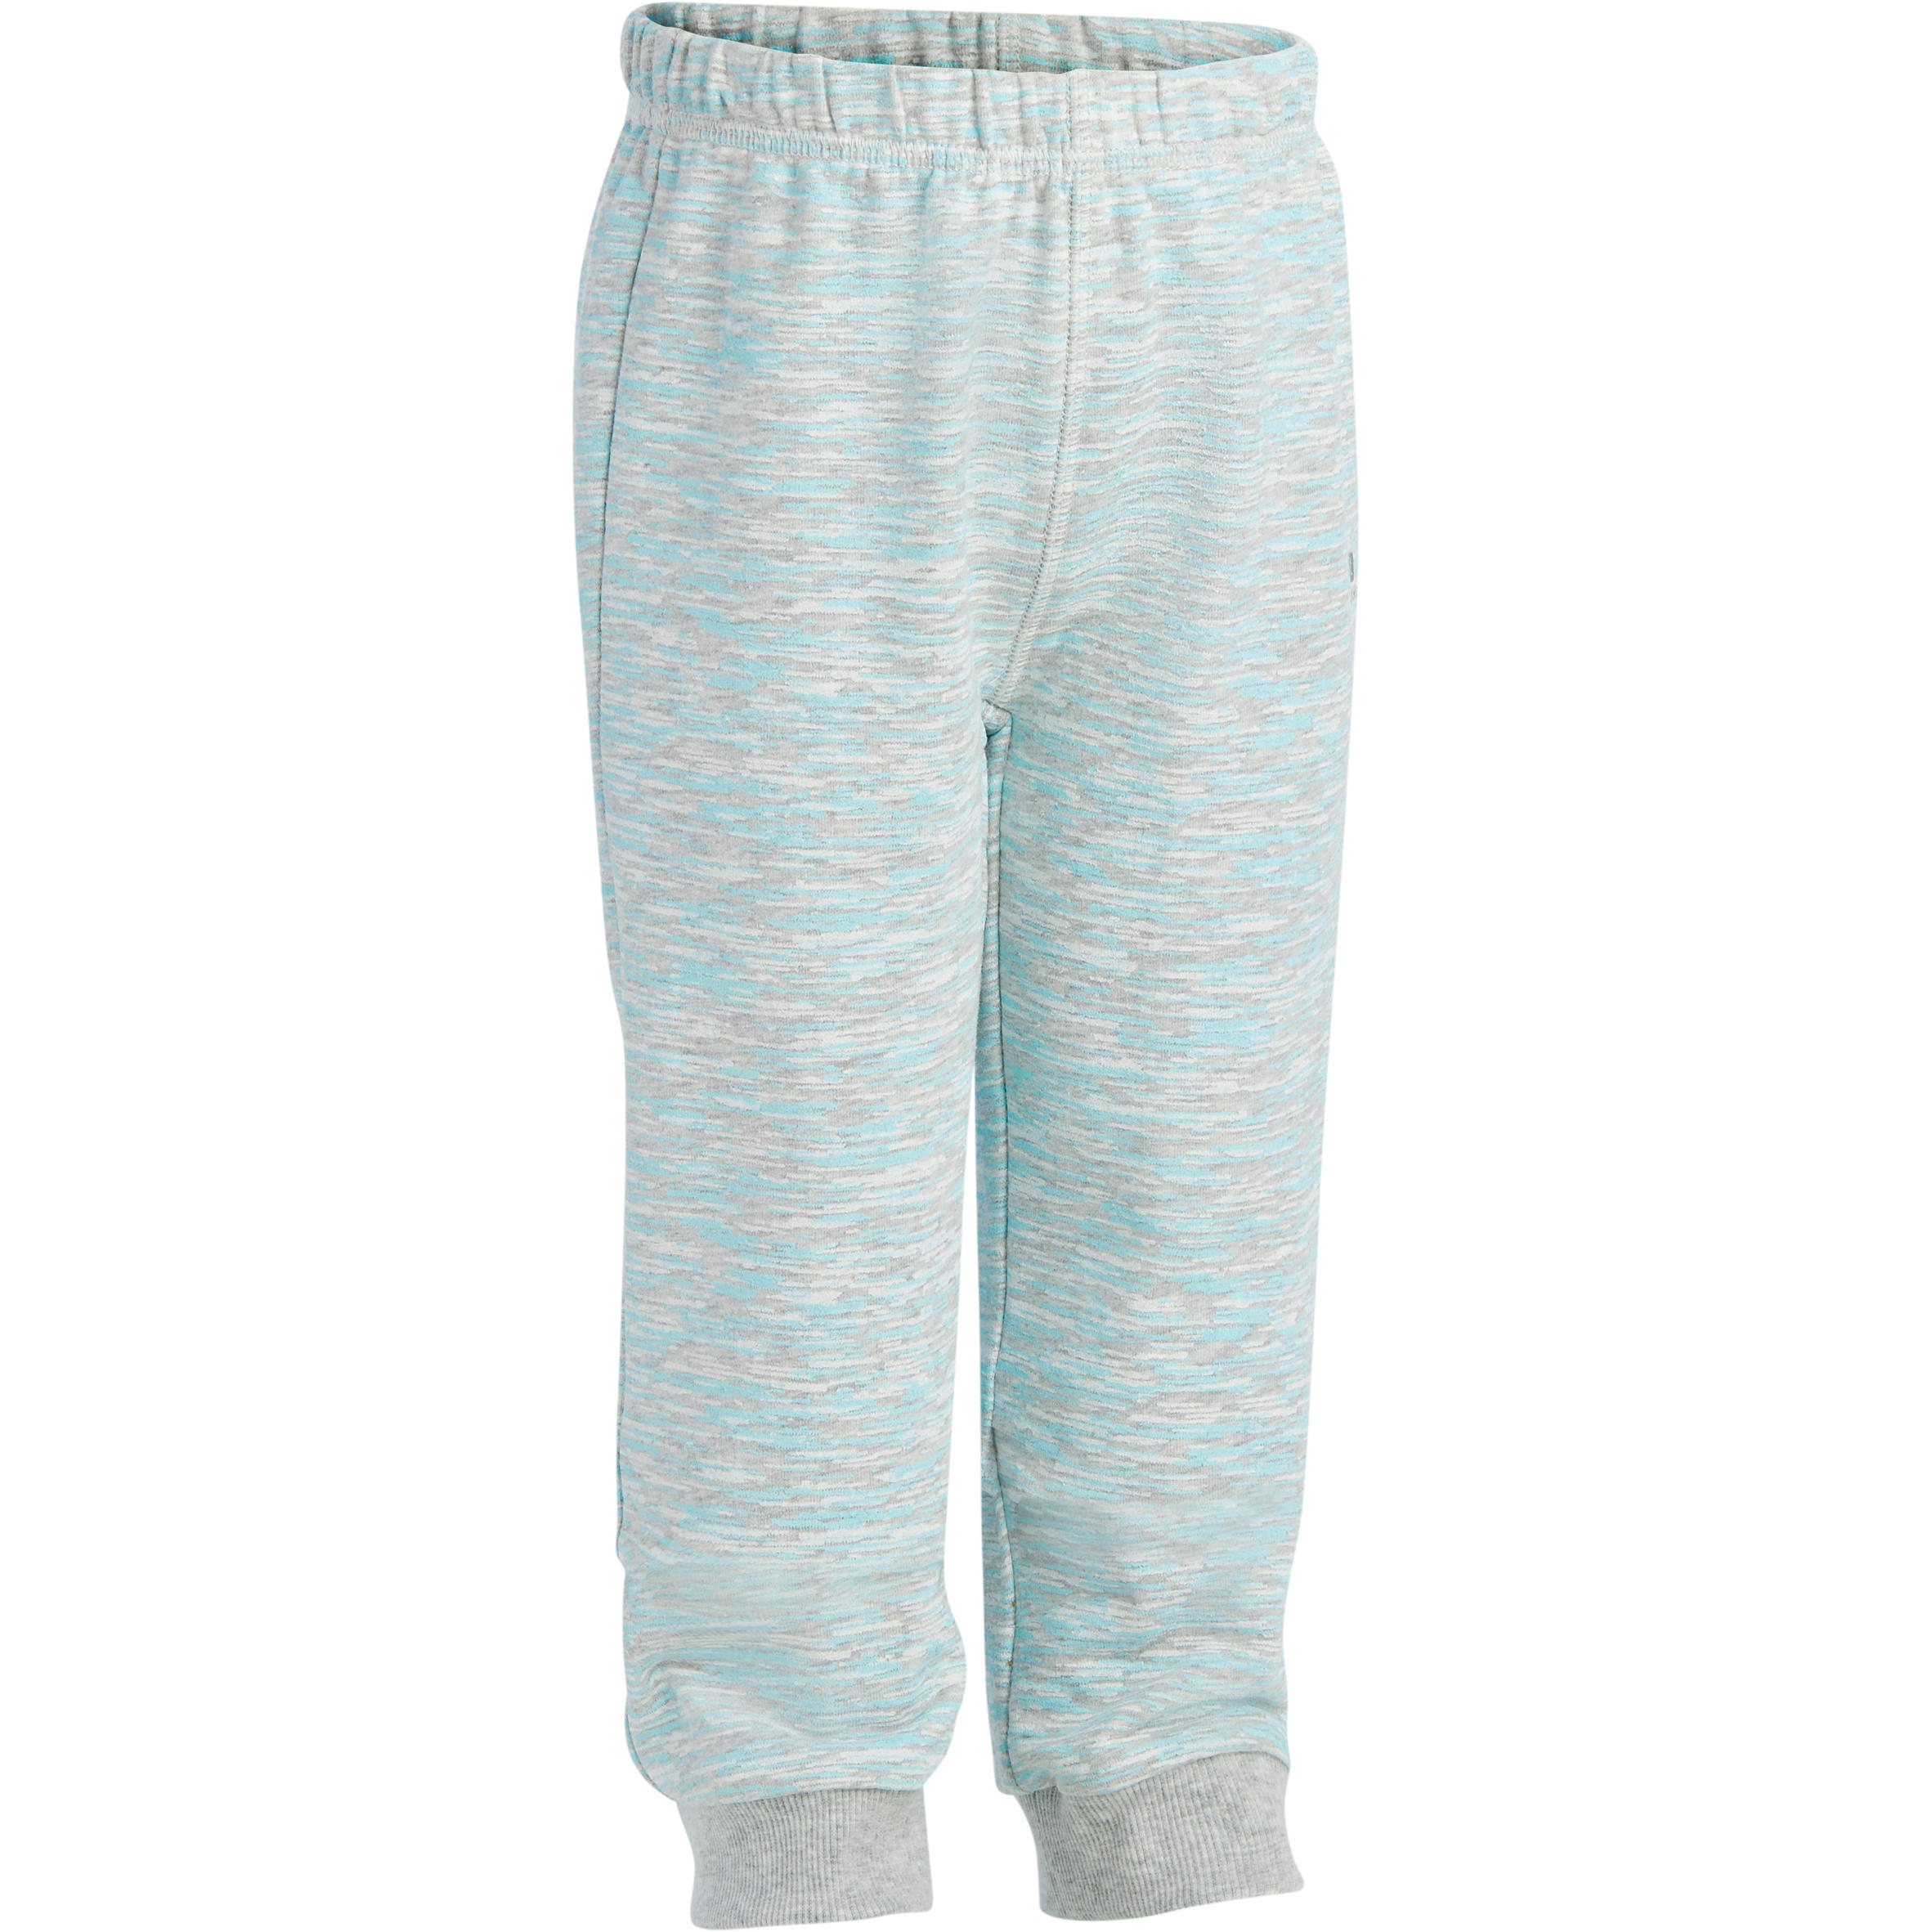 Pantalón 520 cálido gimnasia infantil gris